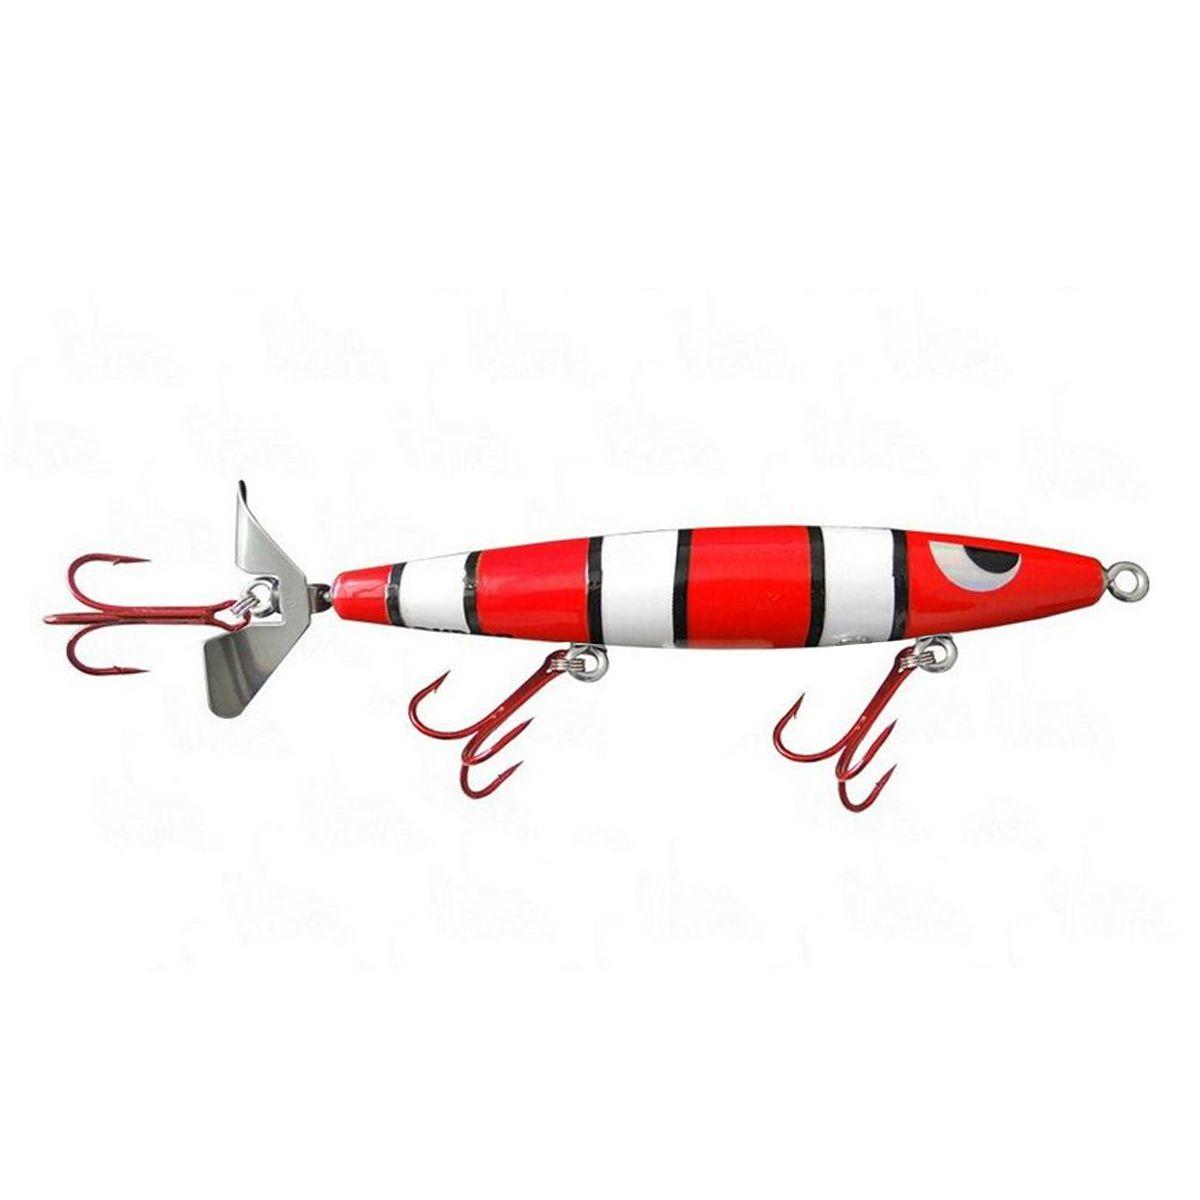 Isca Artificial Yara Devassa com Hélice 16,5 cm 45g